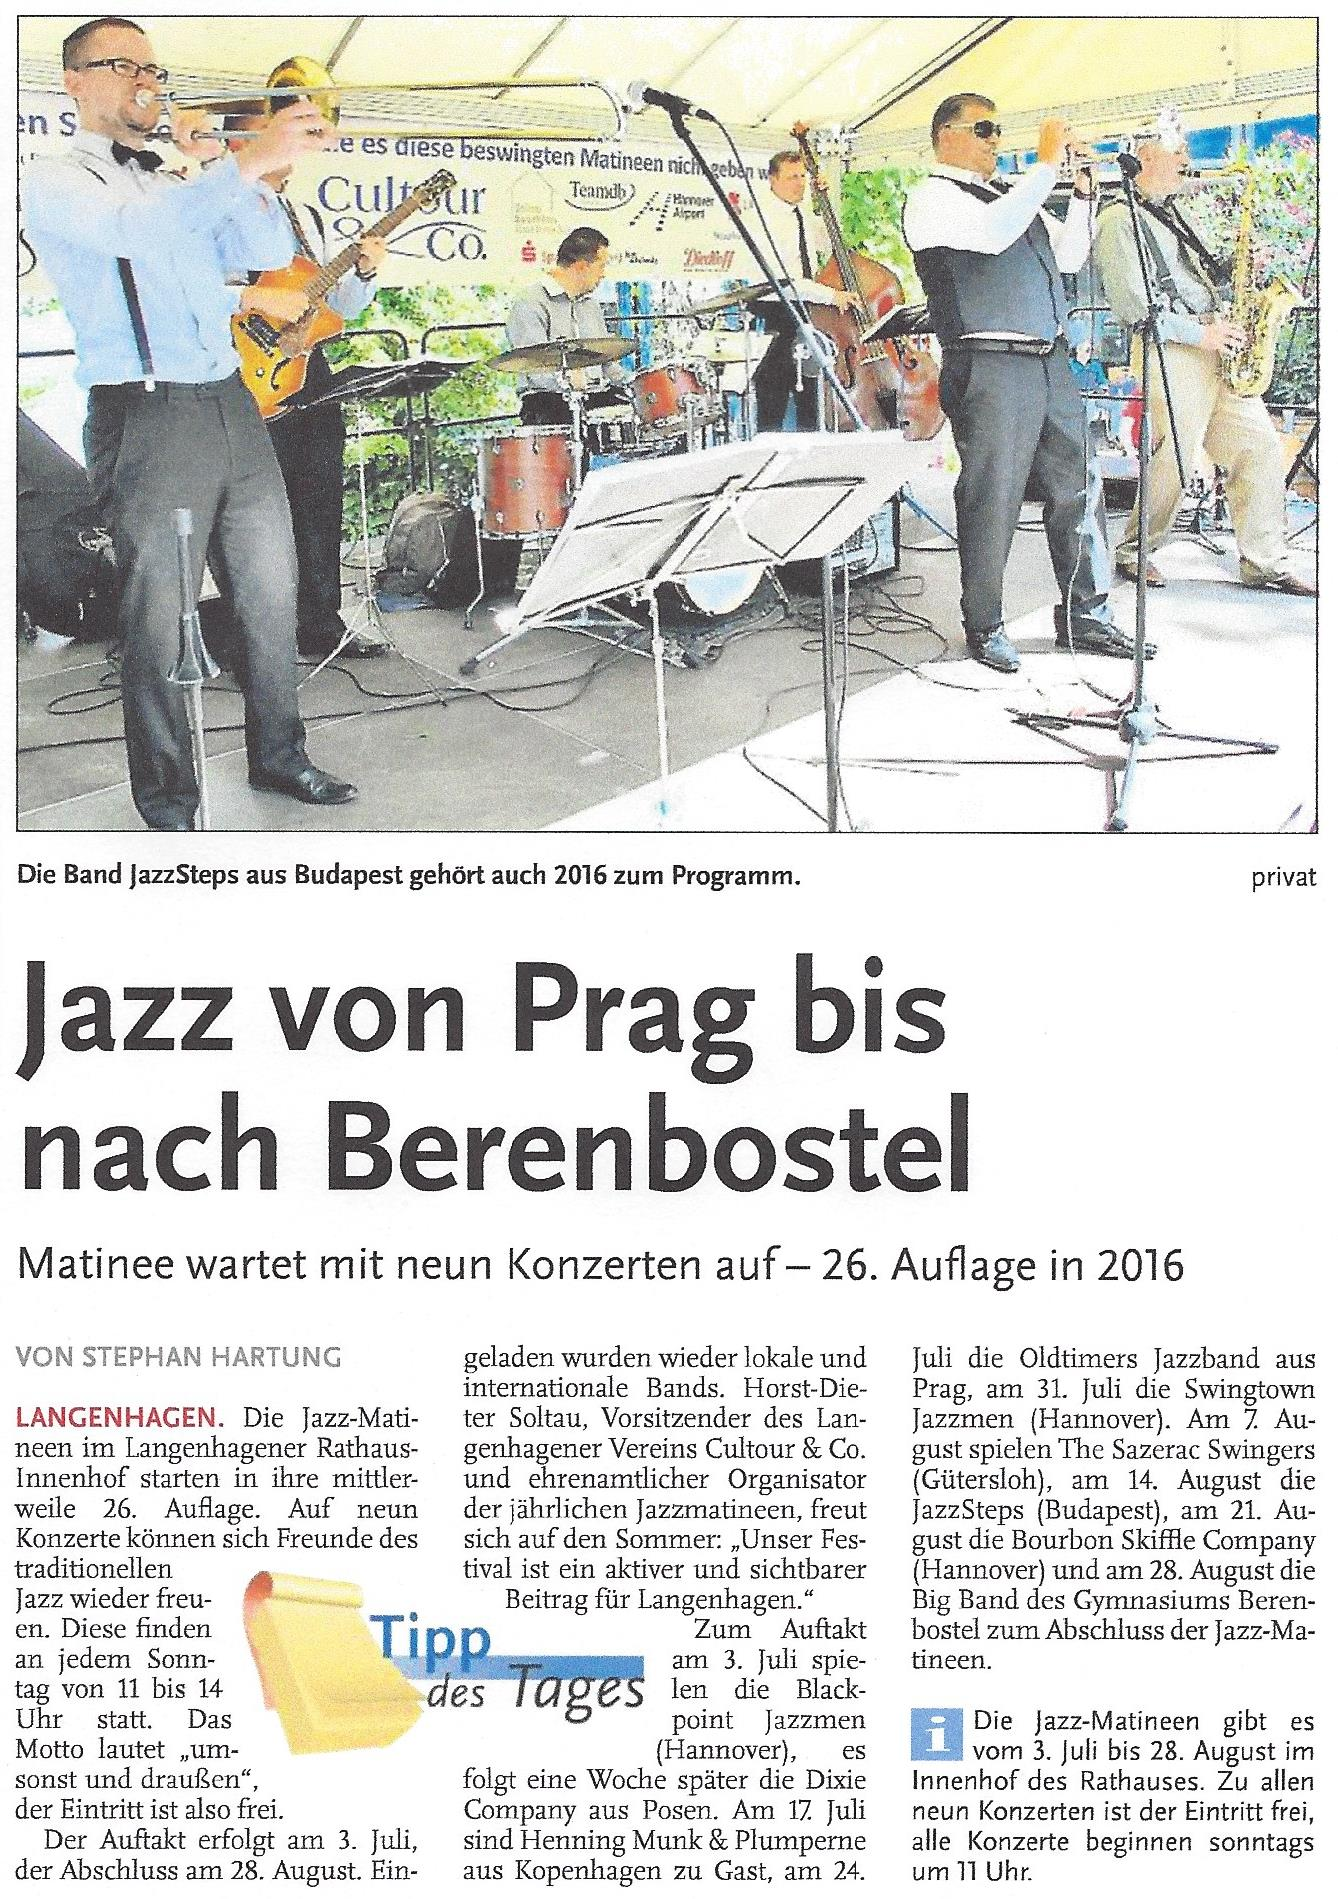 Jazz von Prag bis nach Berenbostel